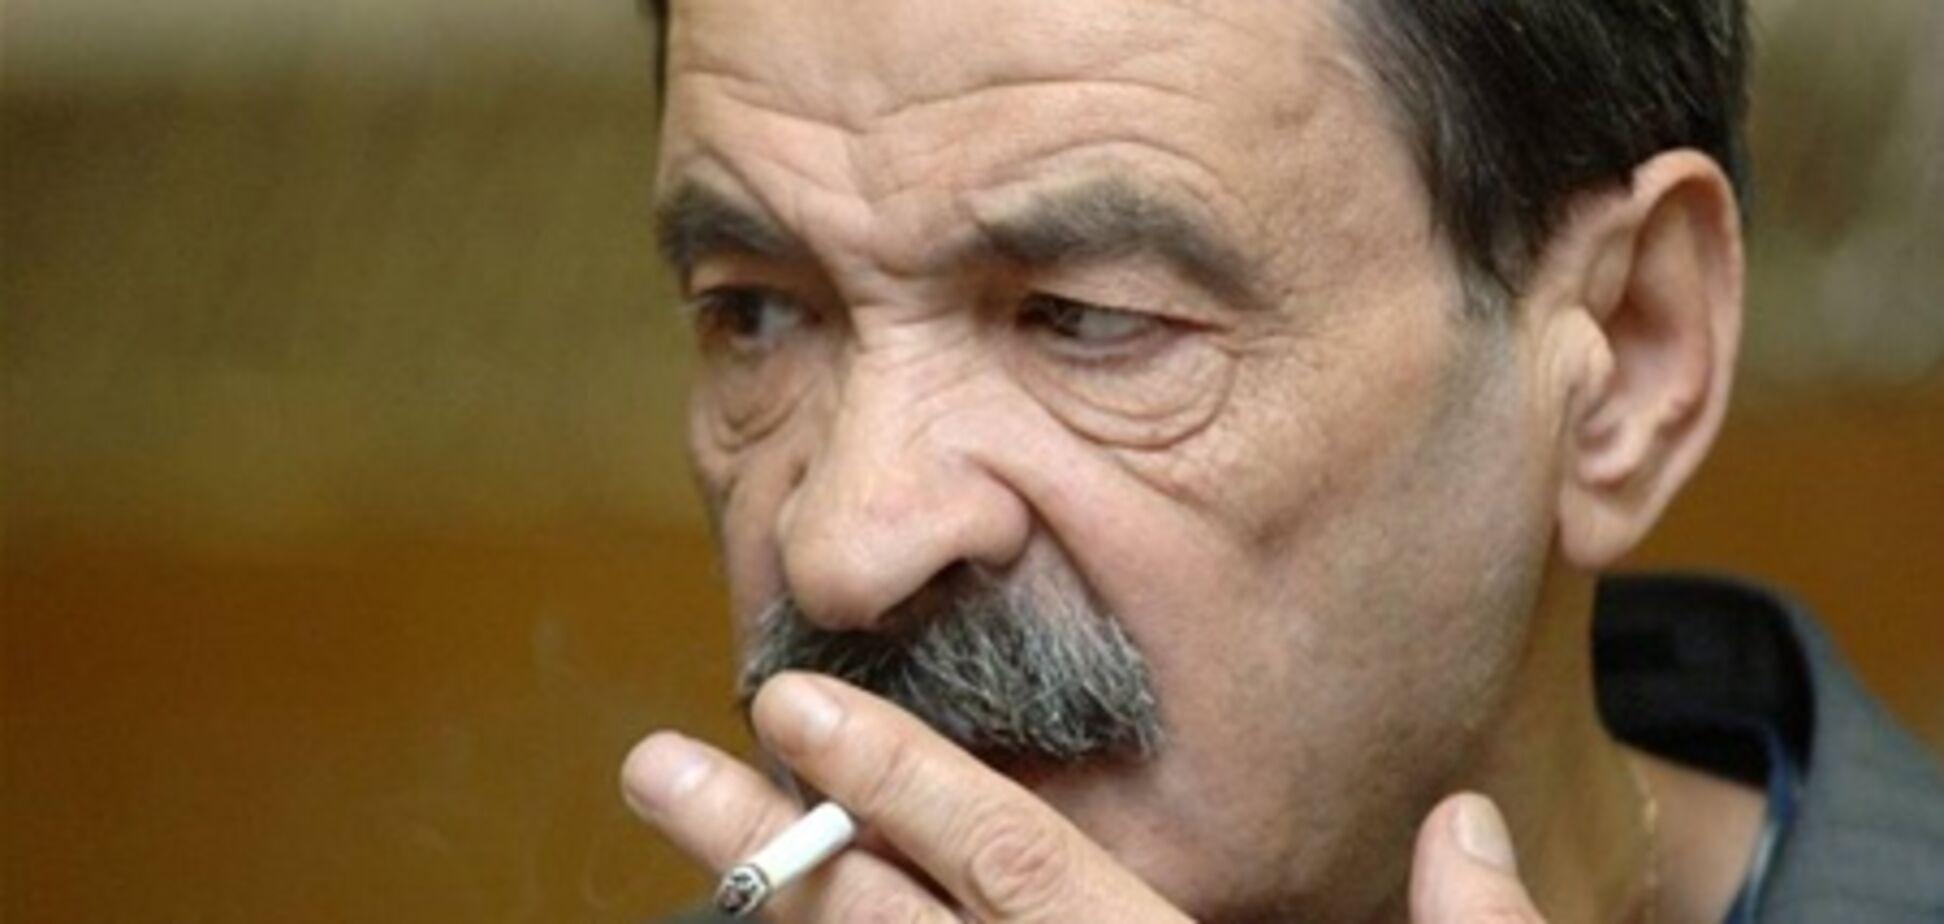 Стоянов: не могу поверить, что Ильи Олейникова больше нет